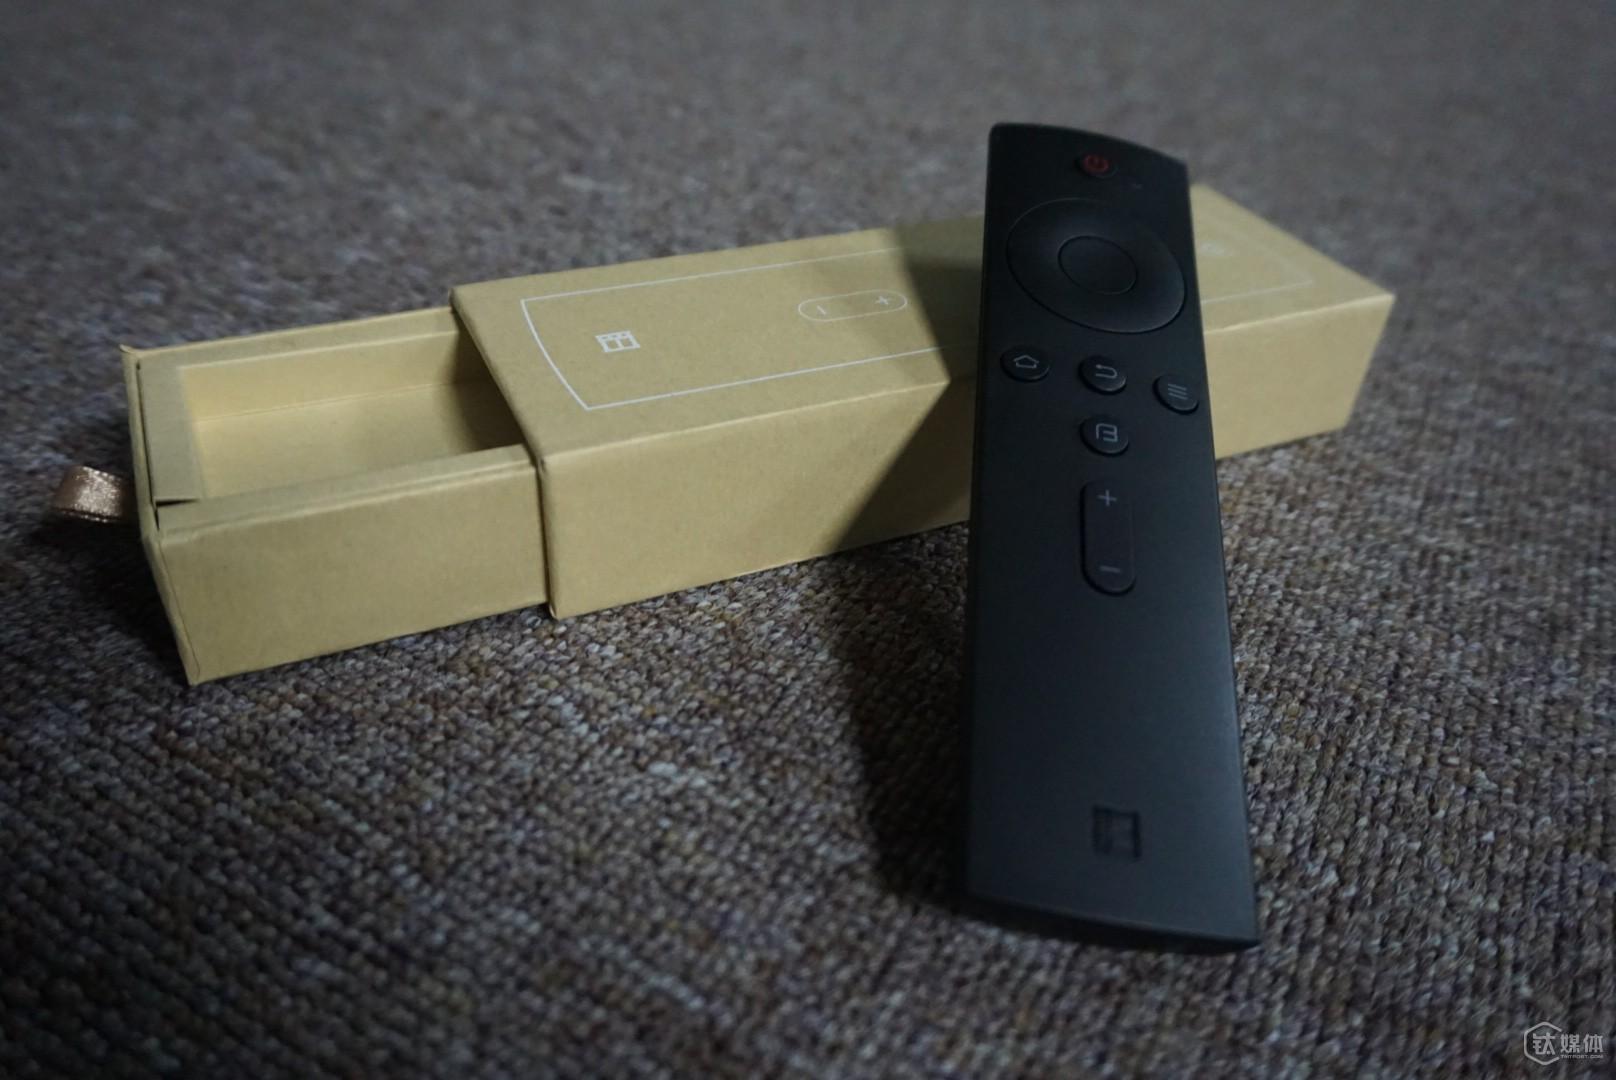 """电视的遥控器为黑色长条状,边角设计较为平滑,握感非常好,没有那么多复杂的更加适合初次接触智能电视的新手。暴风为这台超体电视创造了一个""""biu键"""",默认快速进入影视频道,也可设置成信源和观看历史,能够按用户的需求自行设置。"""